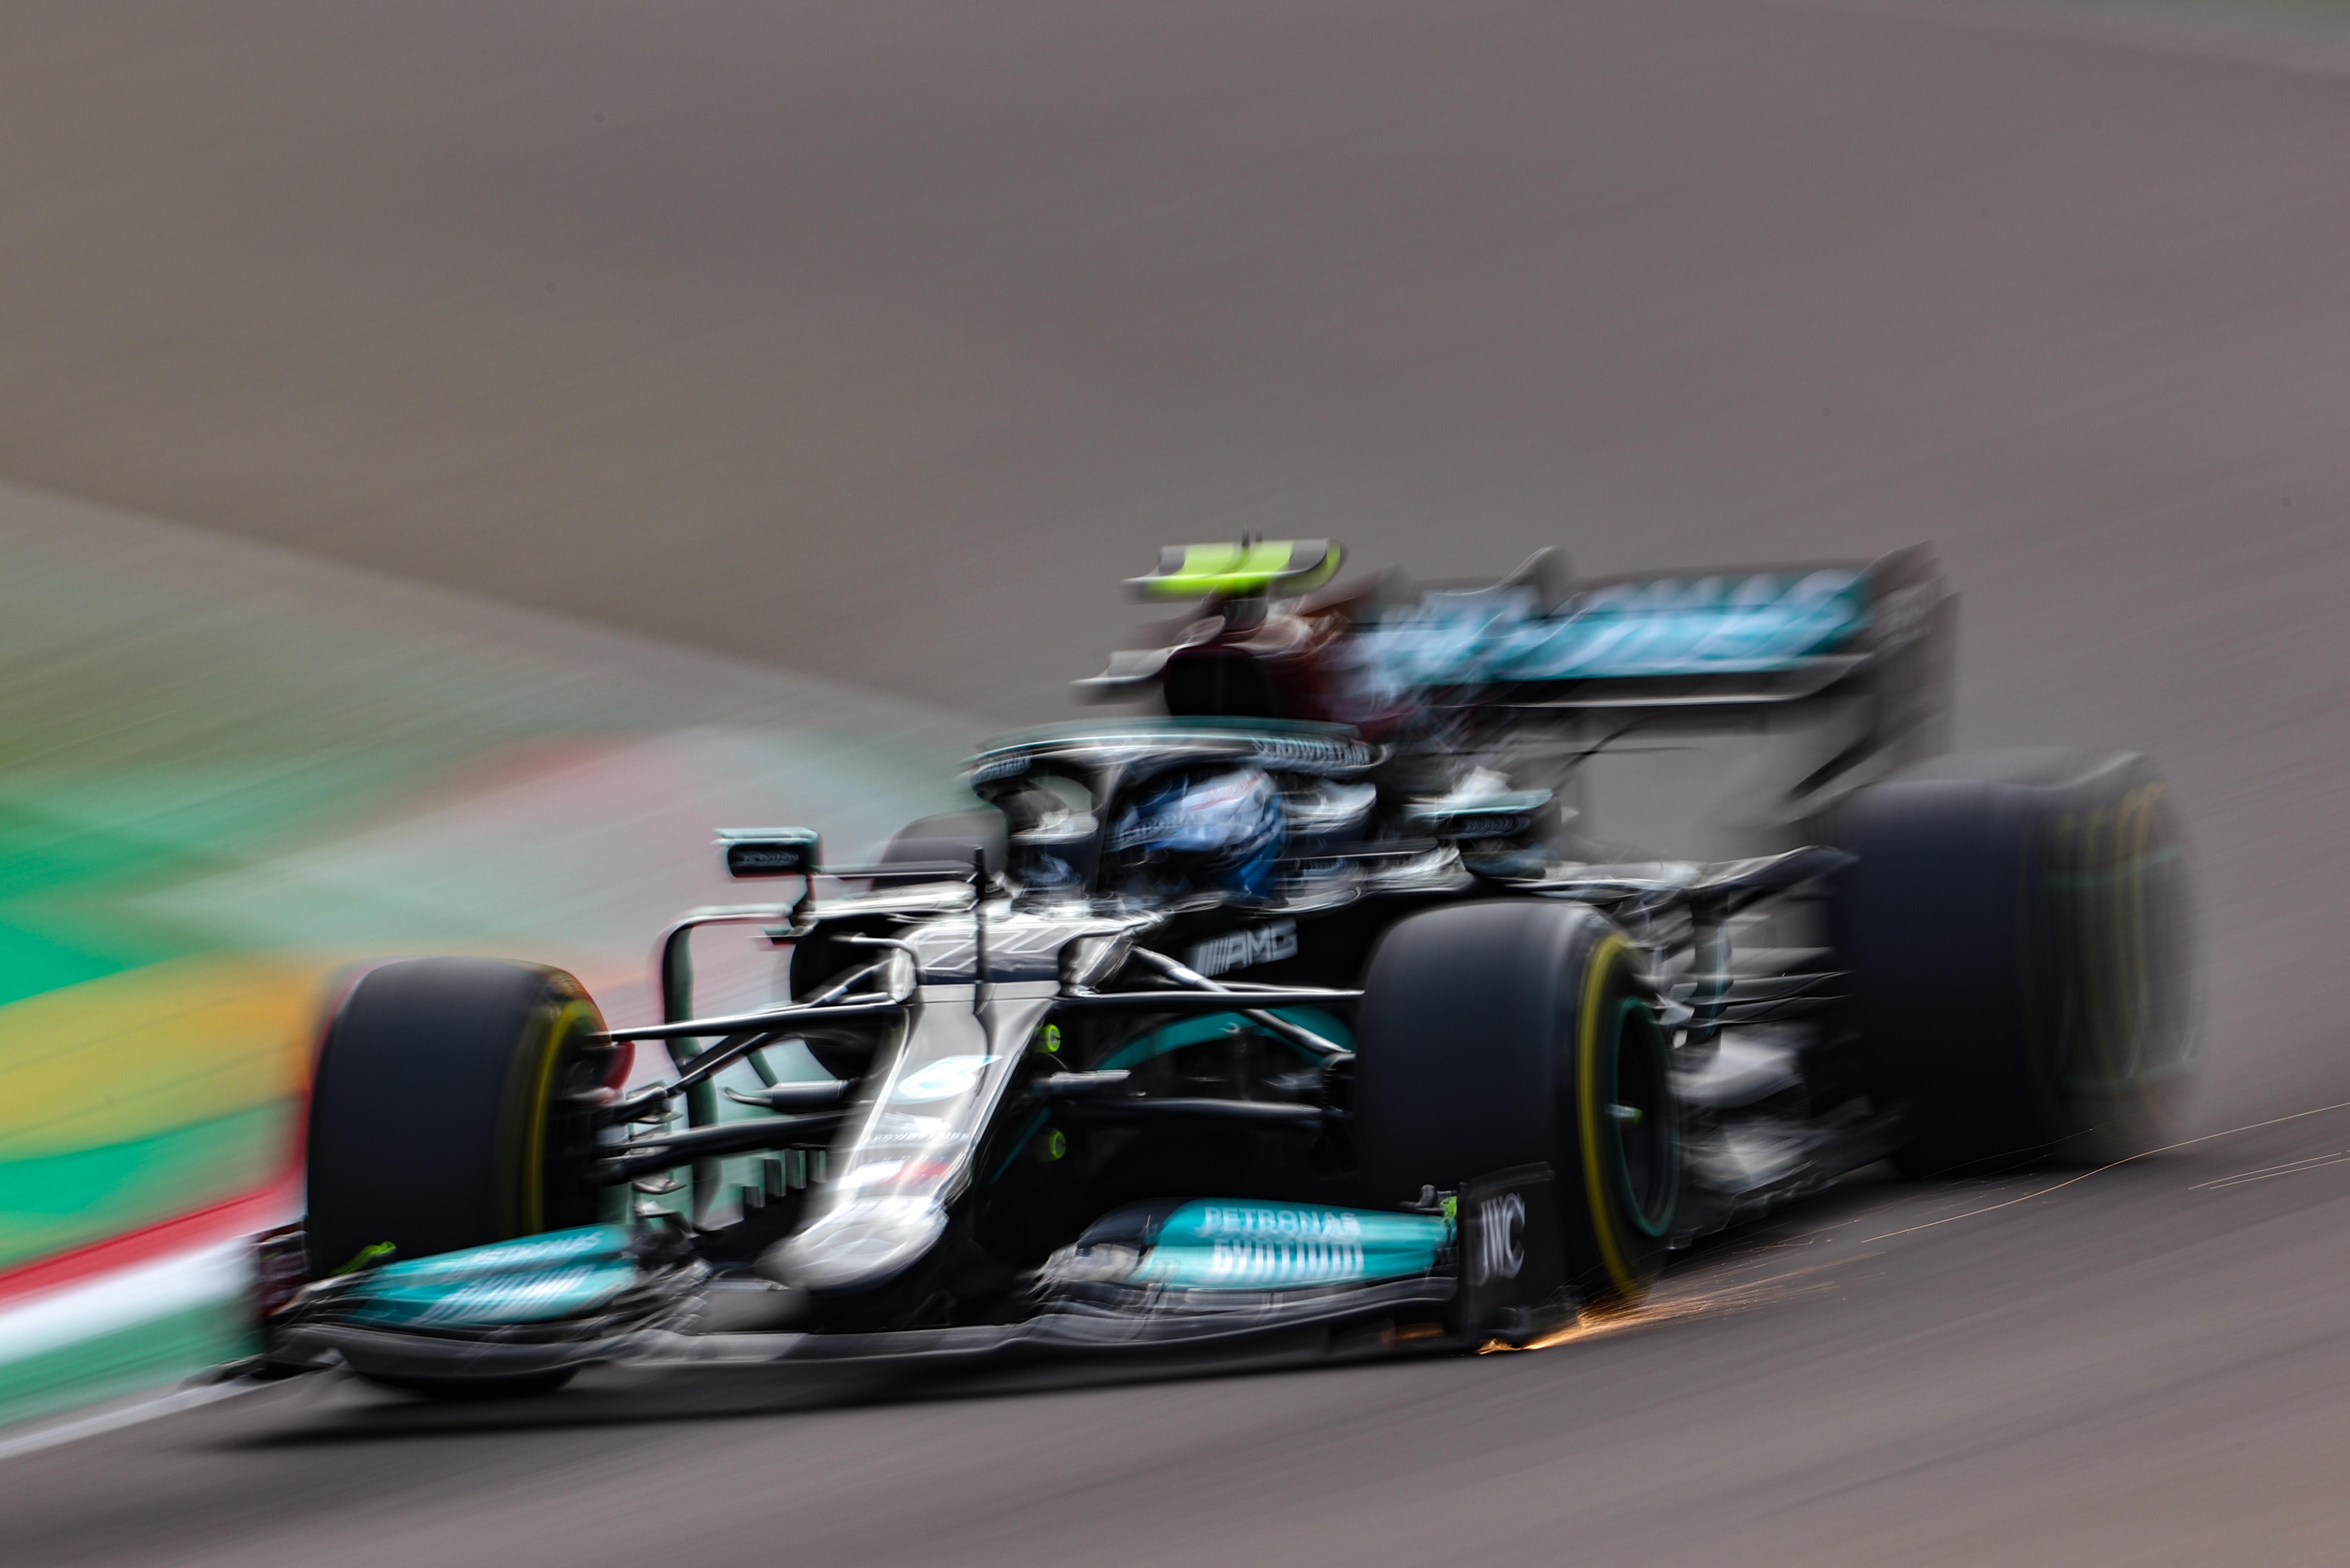 F1 2021 – GP d'Emilie-Romagne (EL2) : Bottas le plus rapide, Leclerc dans le mur !